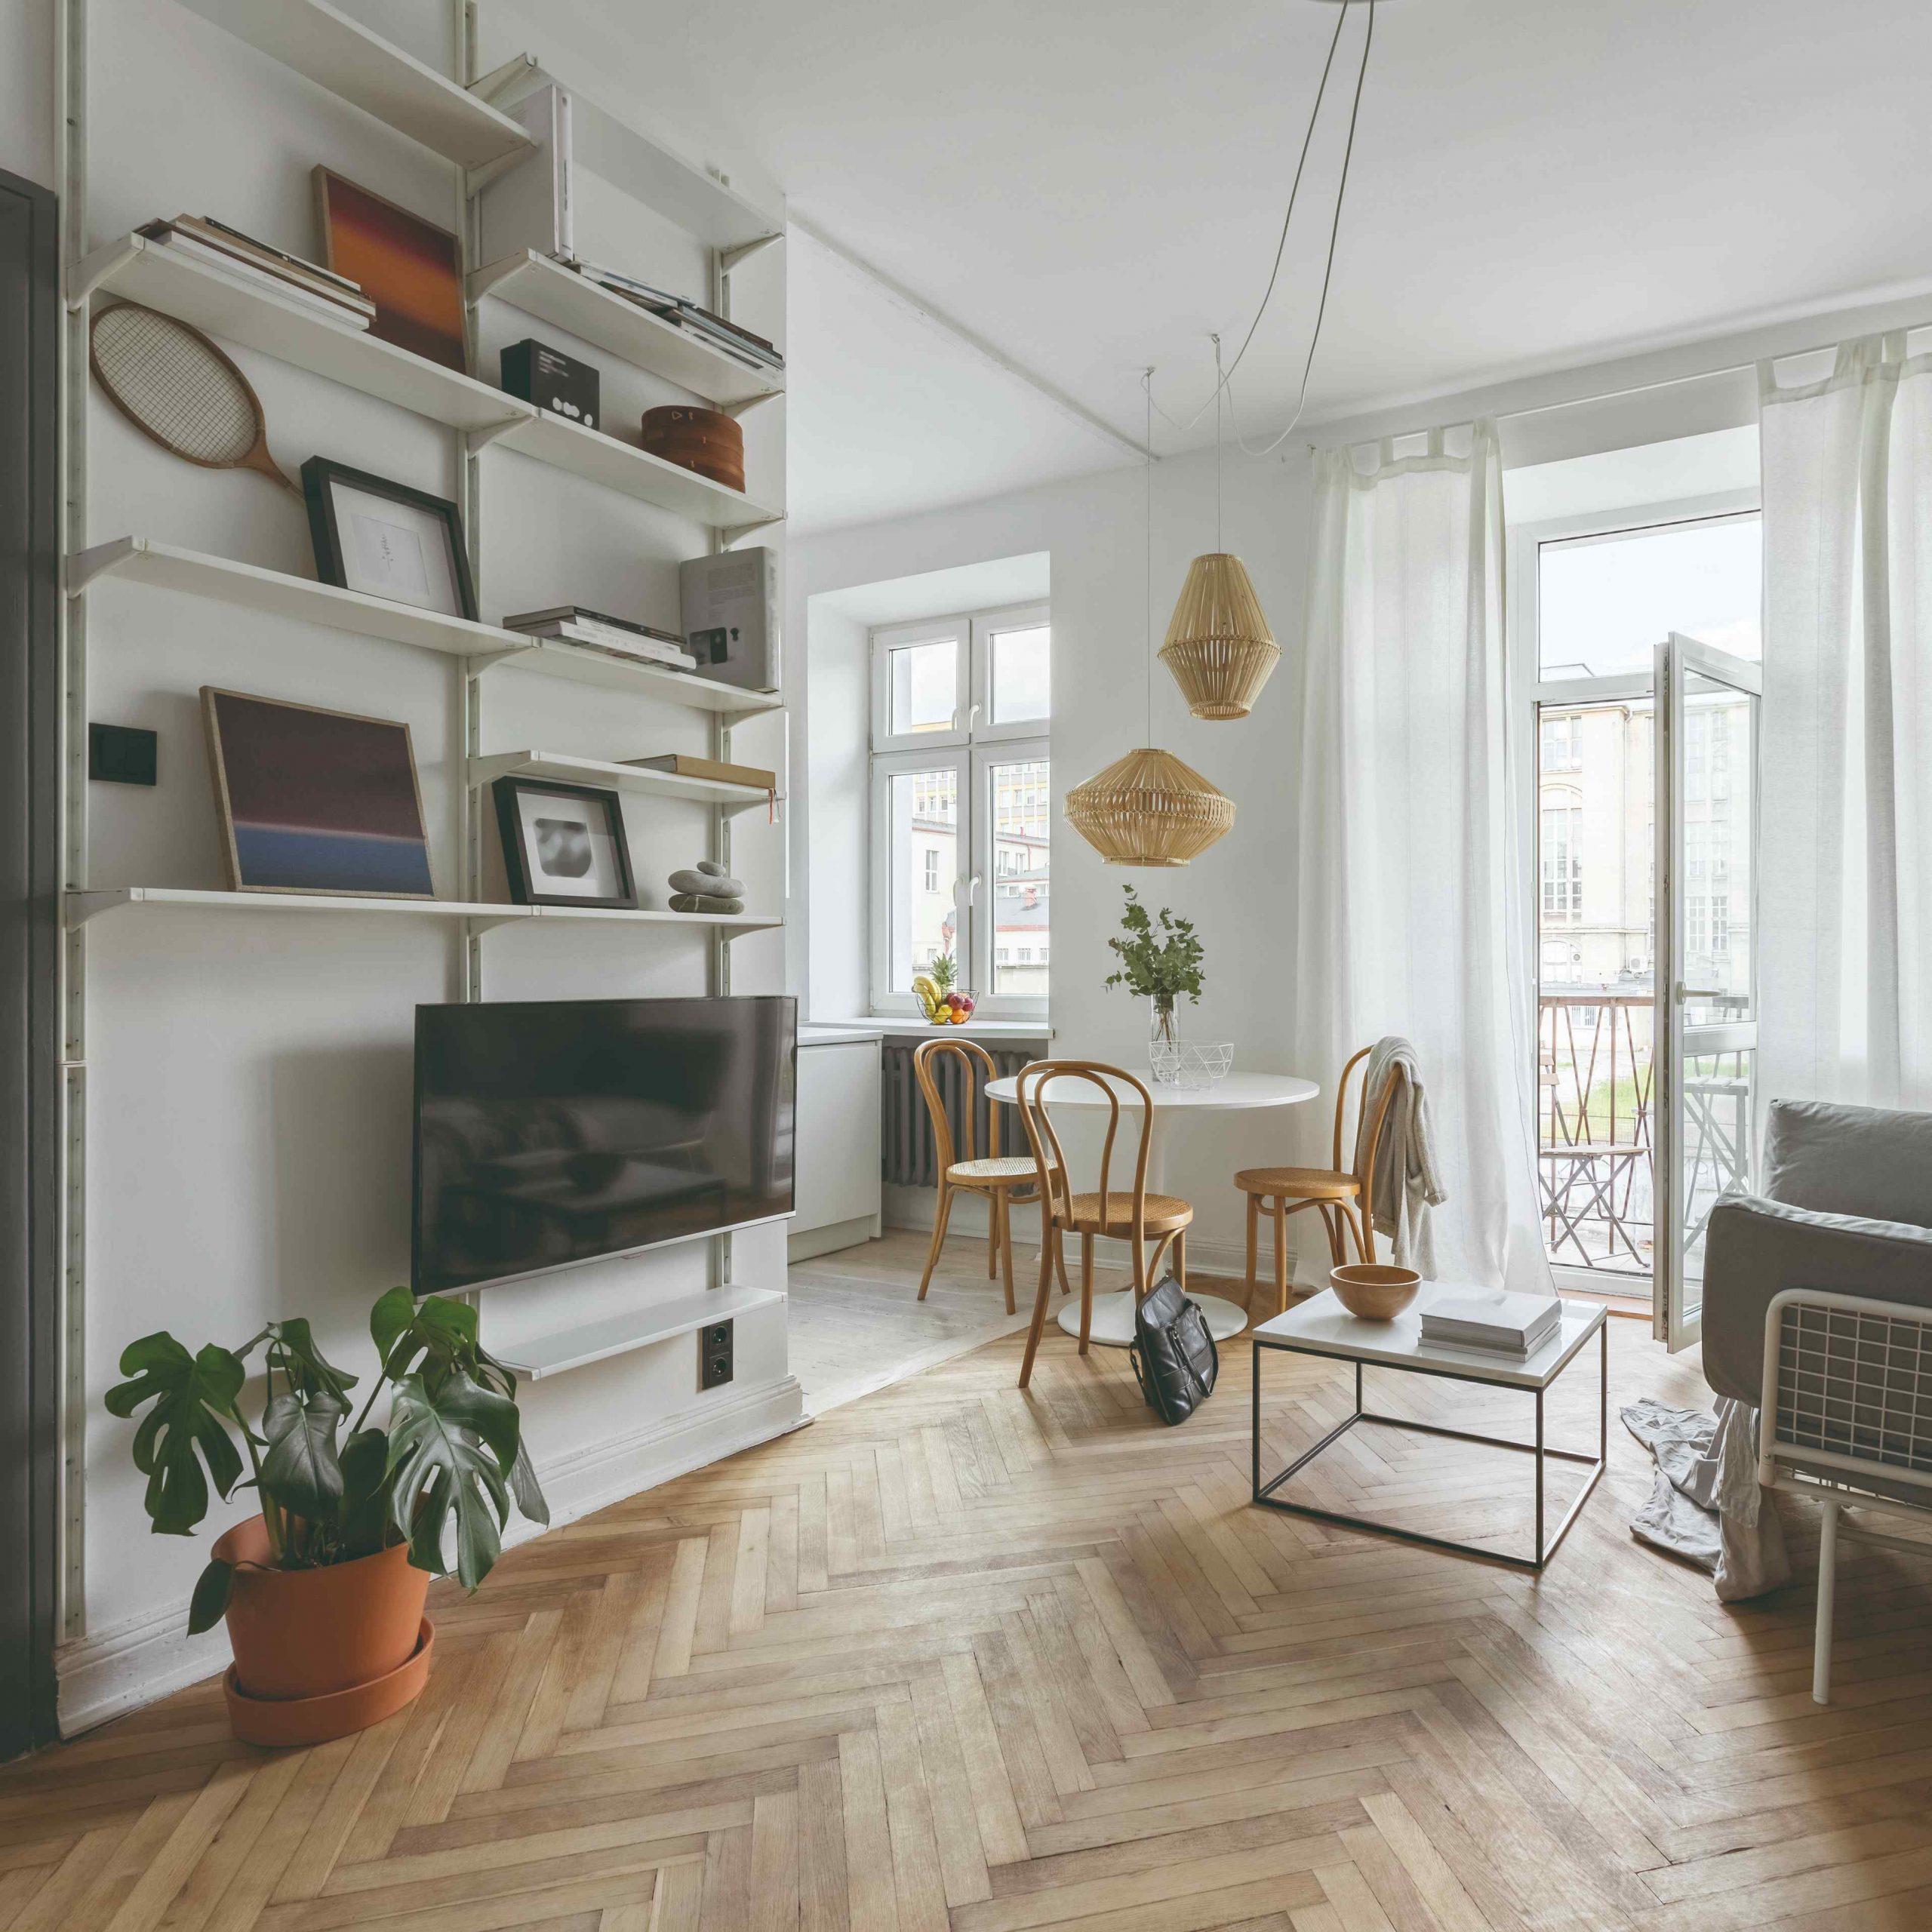 Obývačka v retro štýle s modernými prvkami